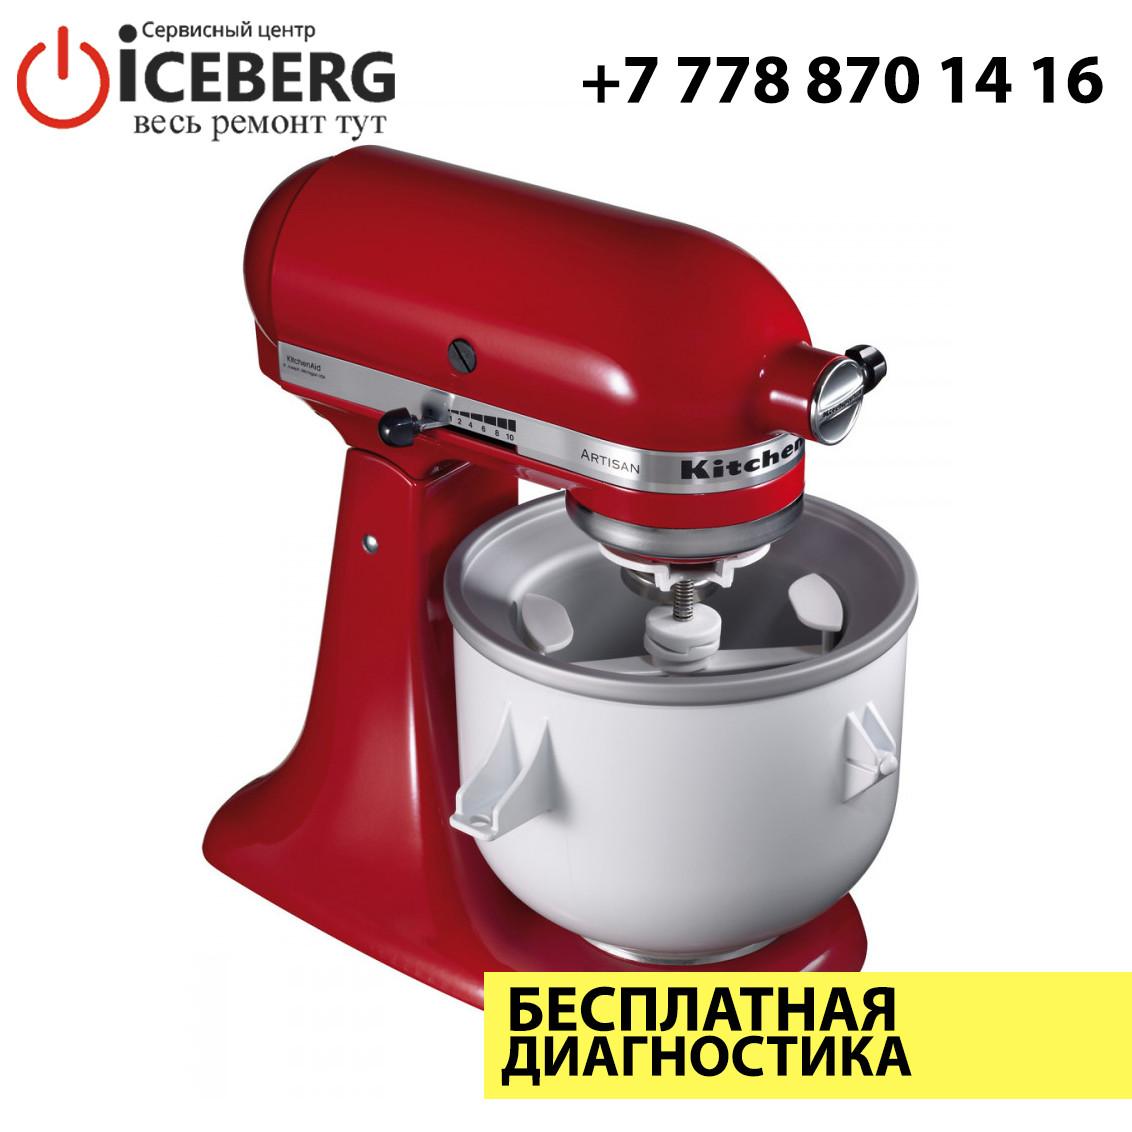 Ремонт миксеров KitchenAid